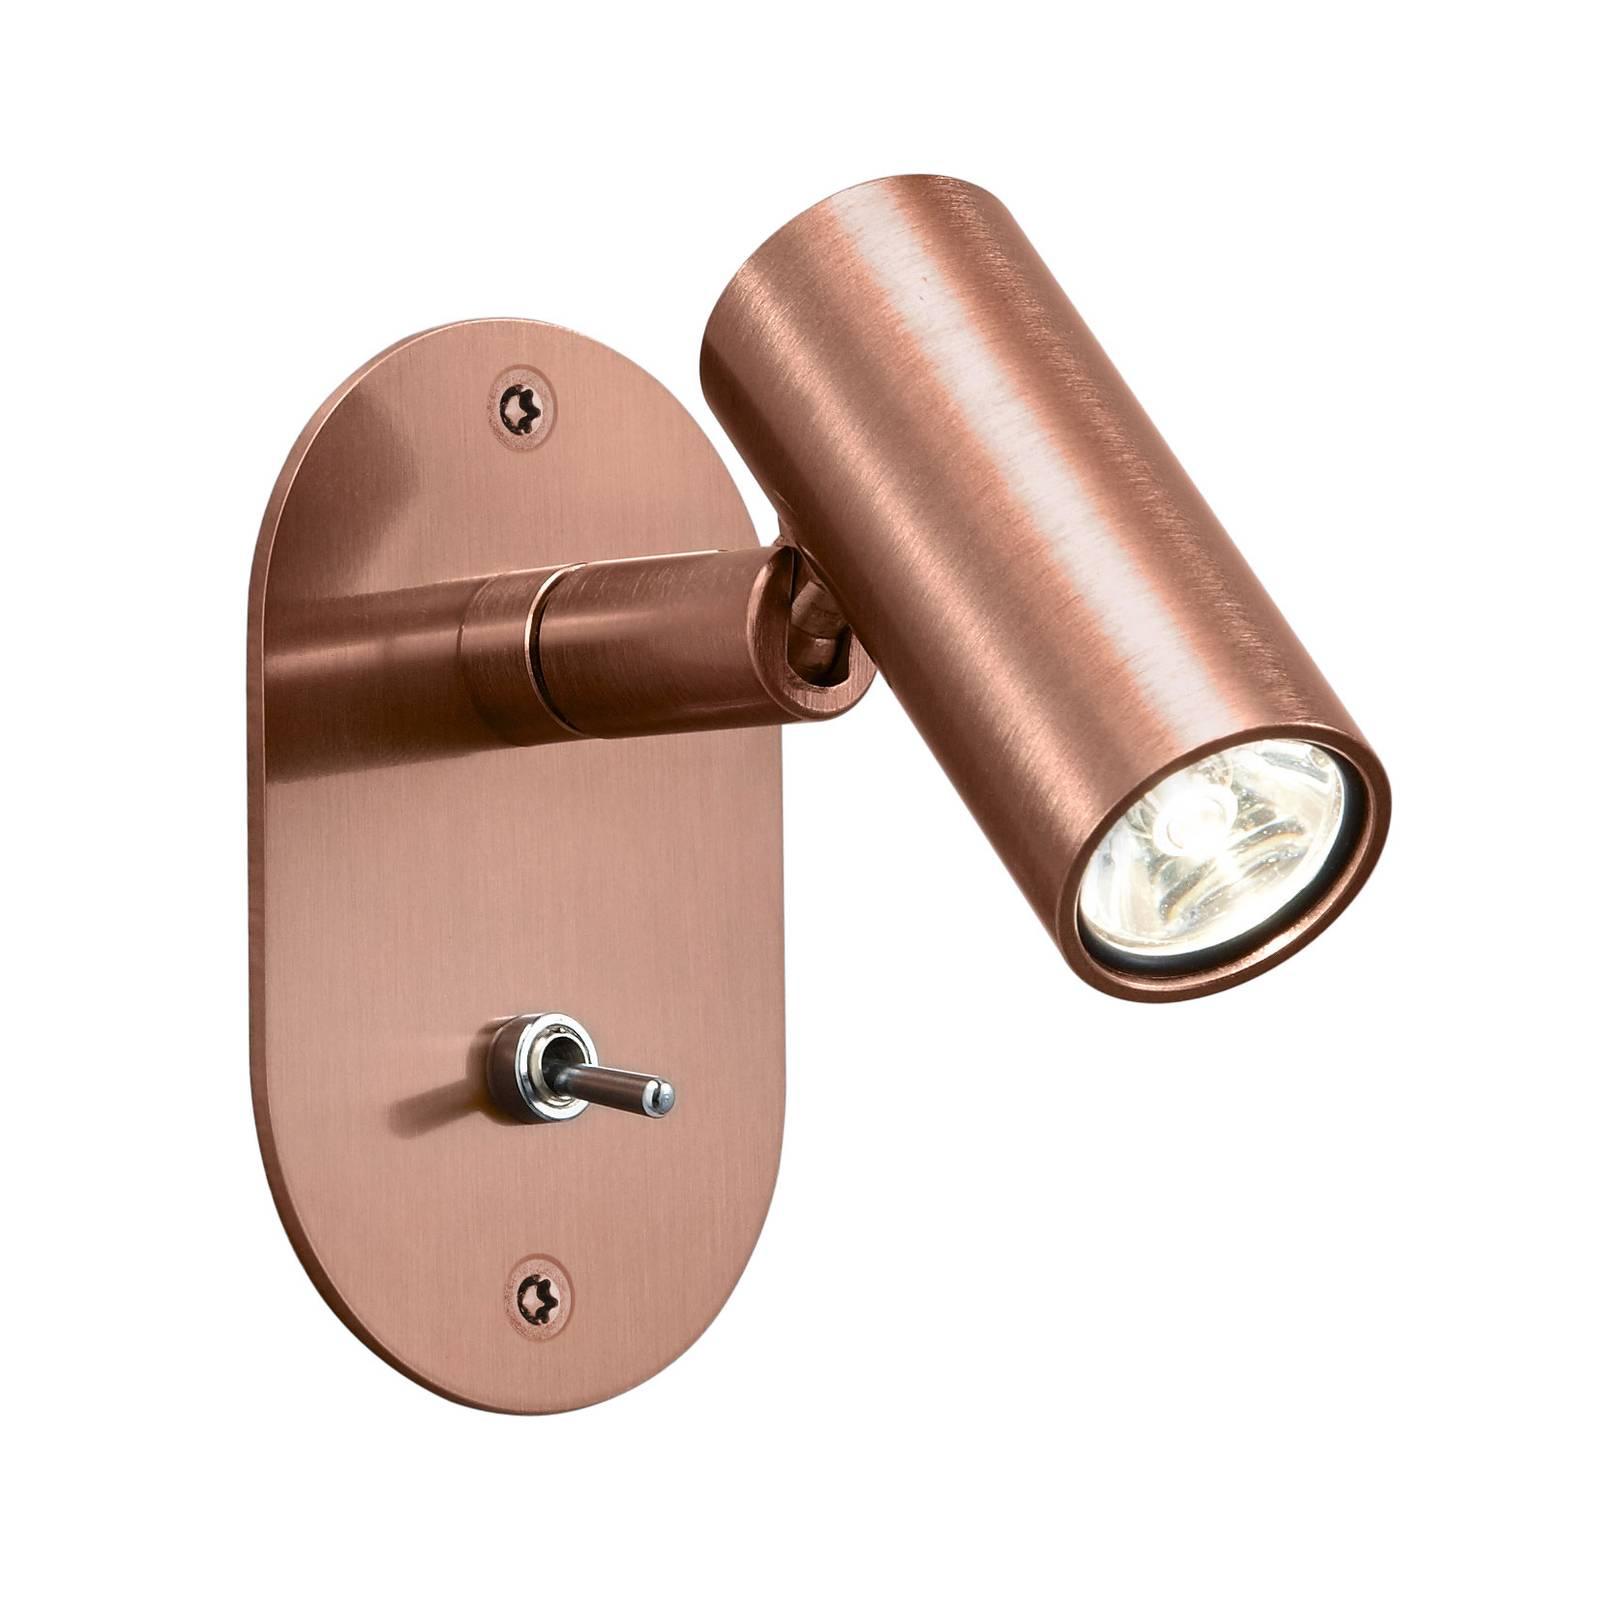 Baulmann 64.506 LED-Wandleuchte, rund, kupfer